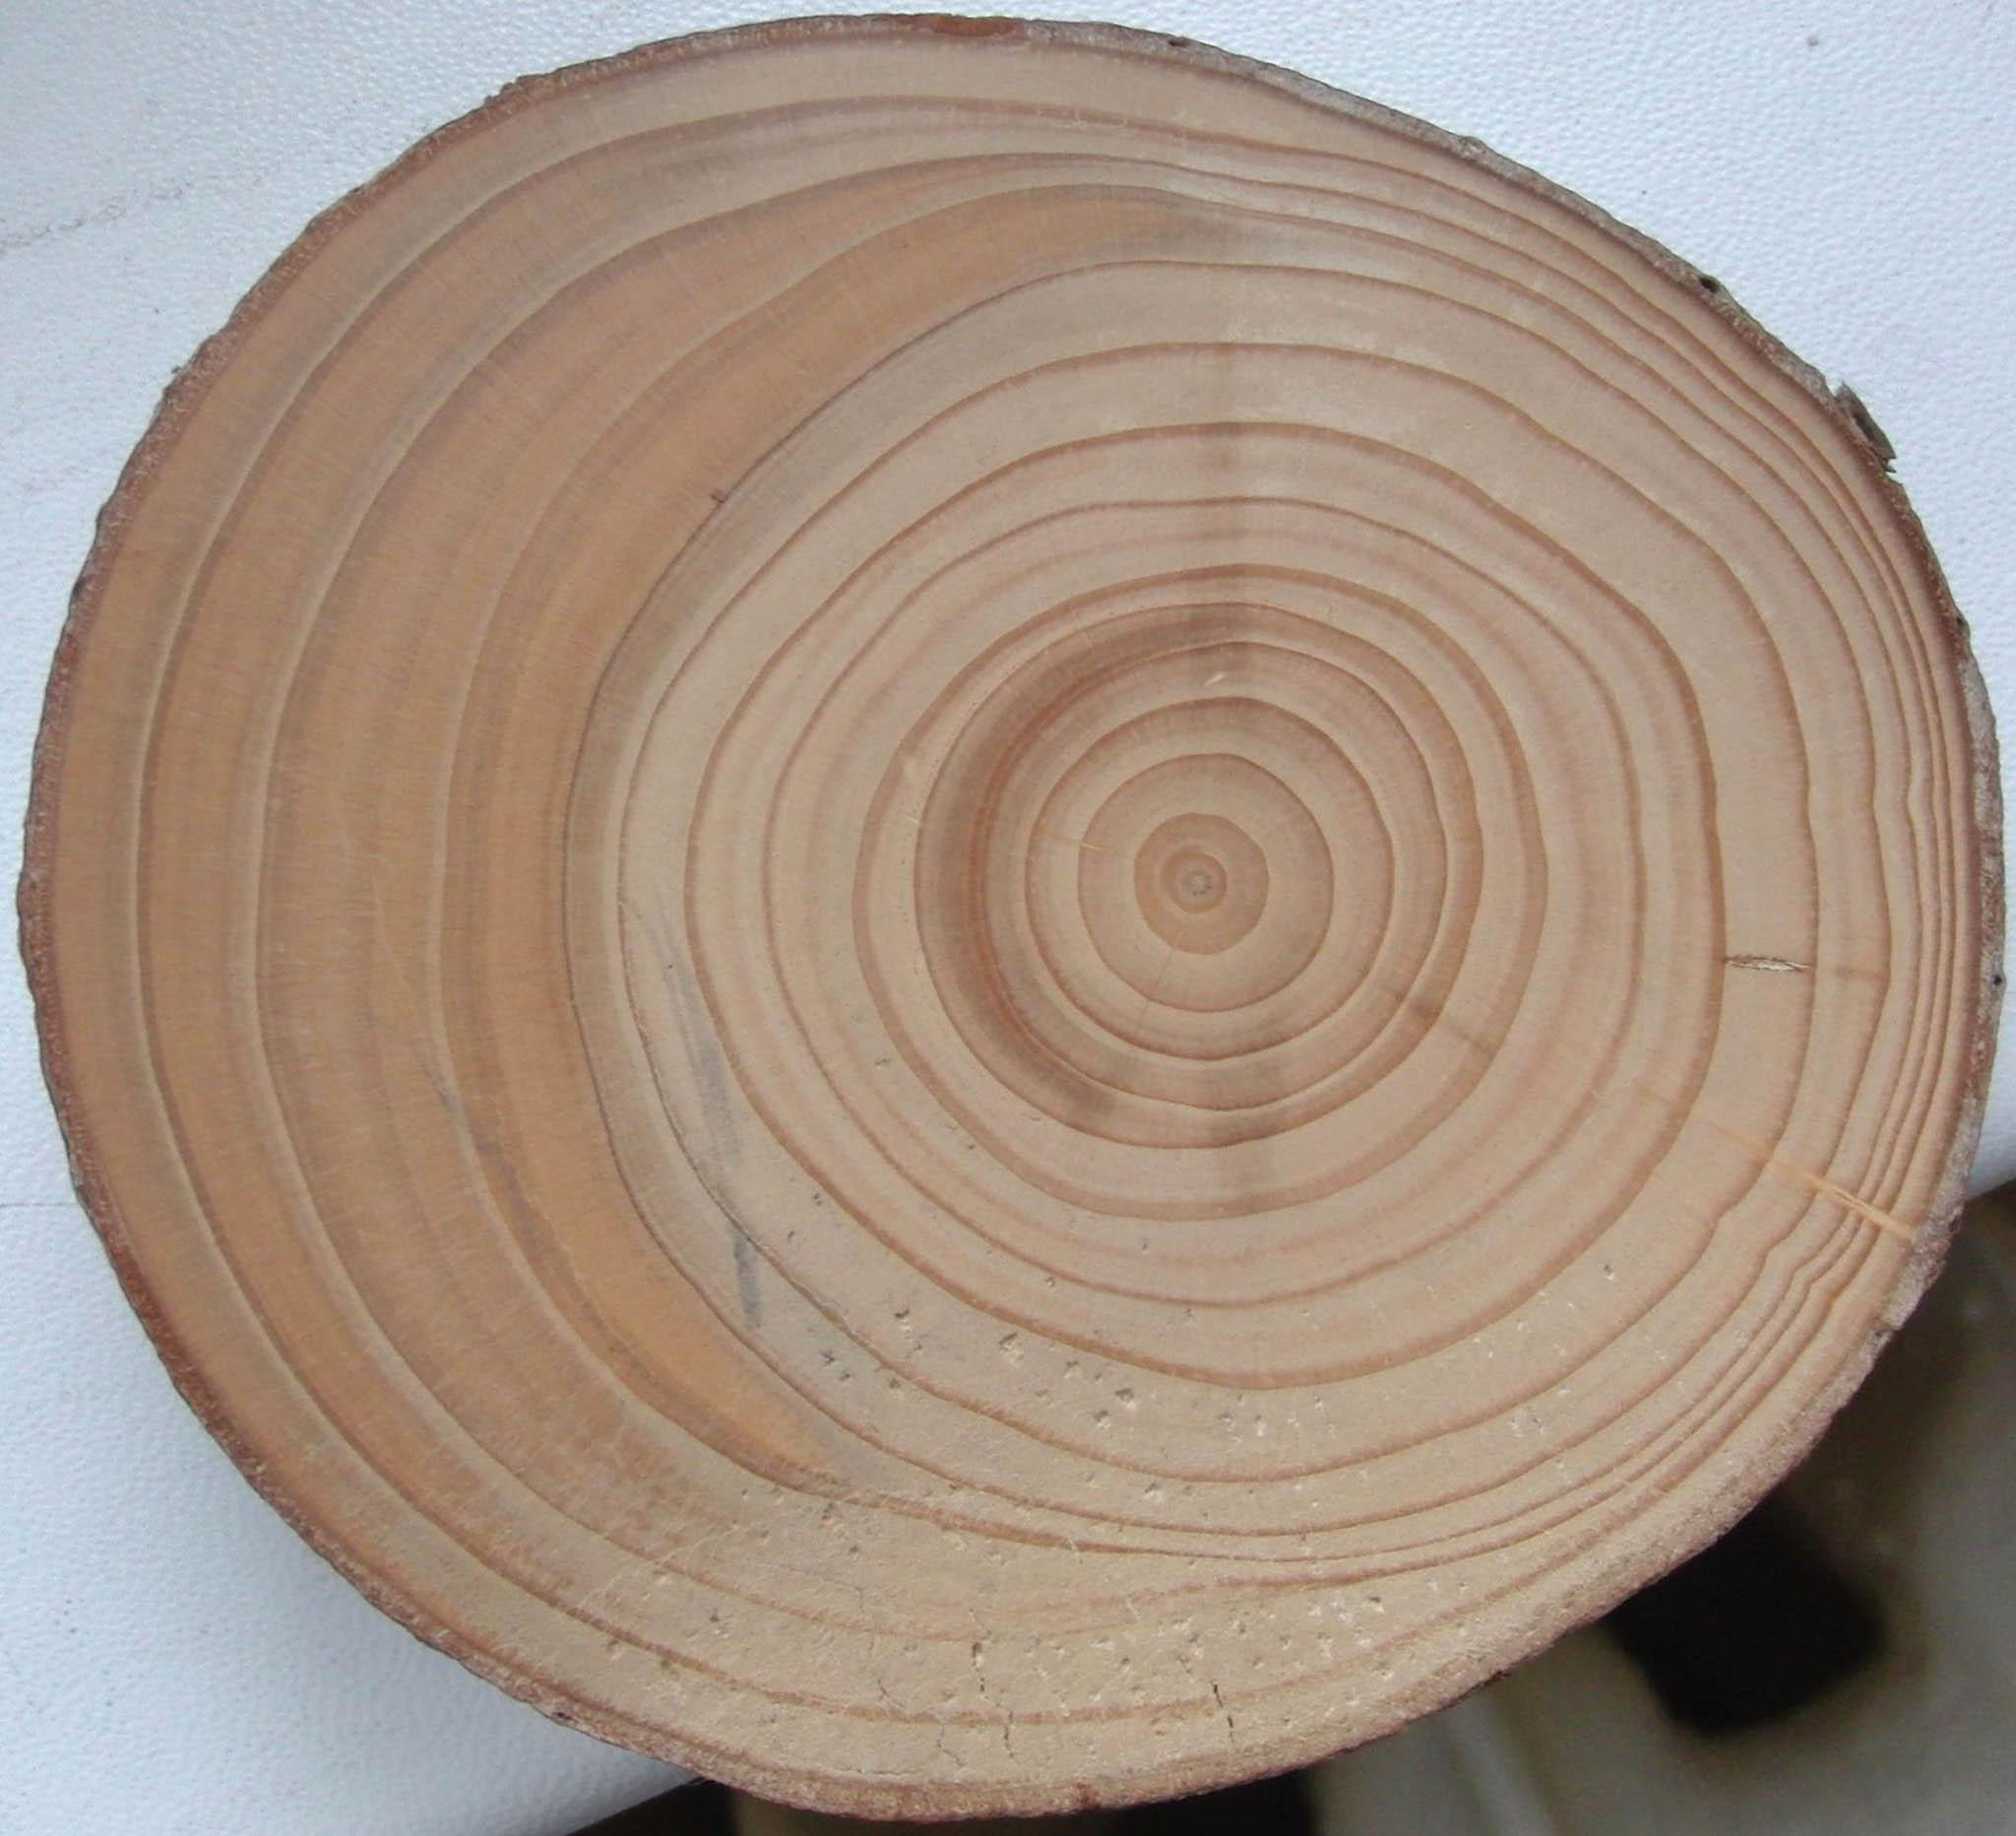 Už pár desítek centimetrů pohybu půdy může stačit ktomu, aby se kmen naklonil nebo aby se mu poškodily kořeny. Strom pak zúží tloušťku svých letokruhů.